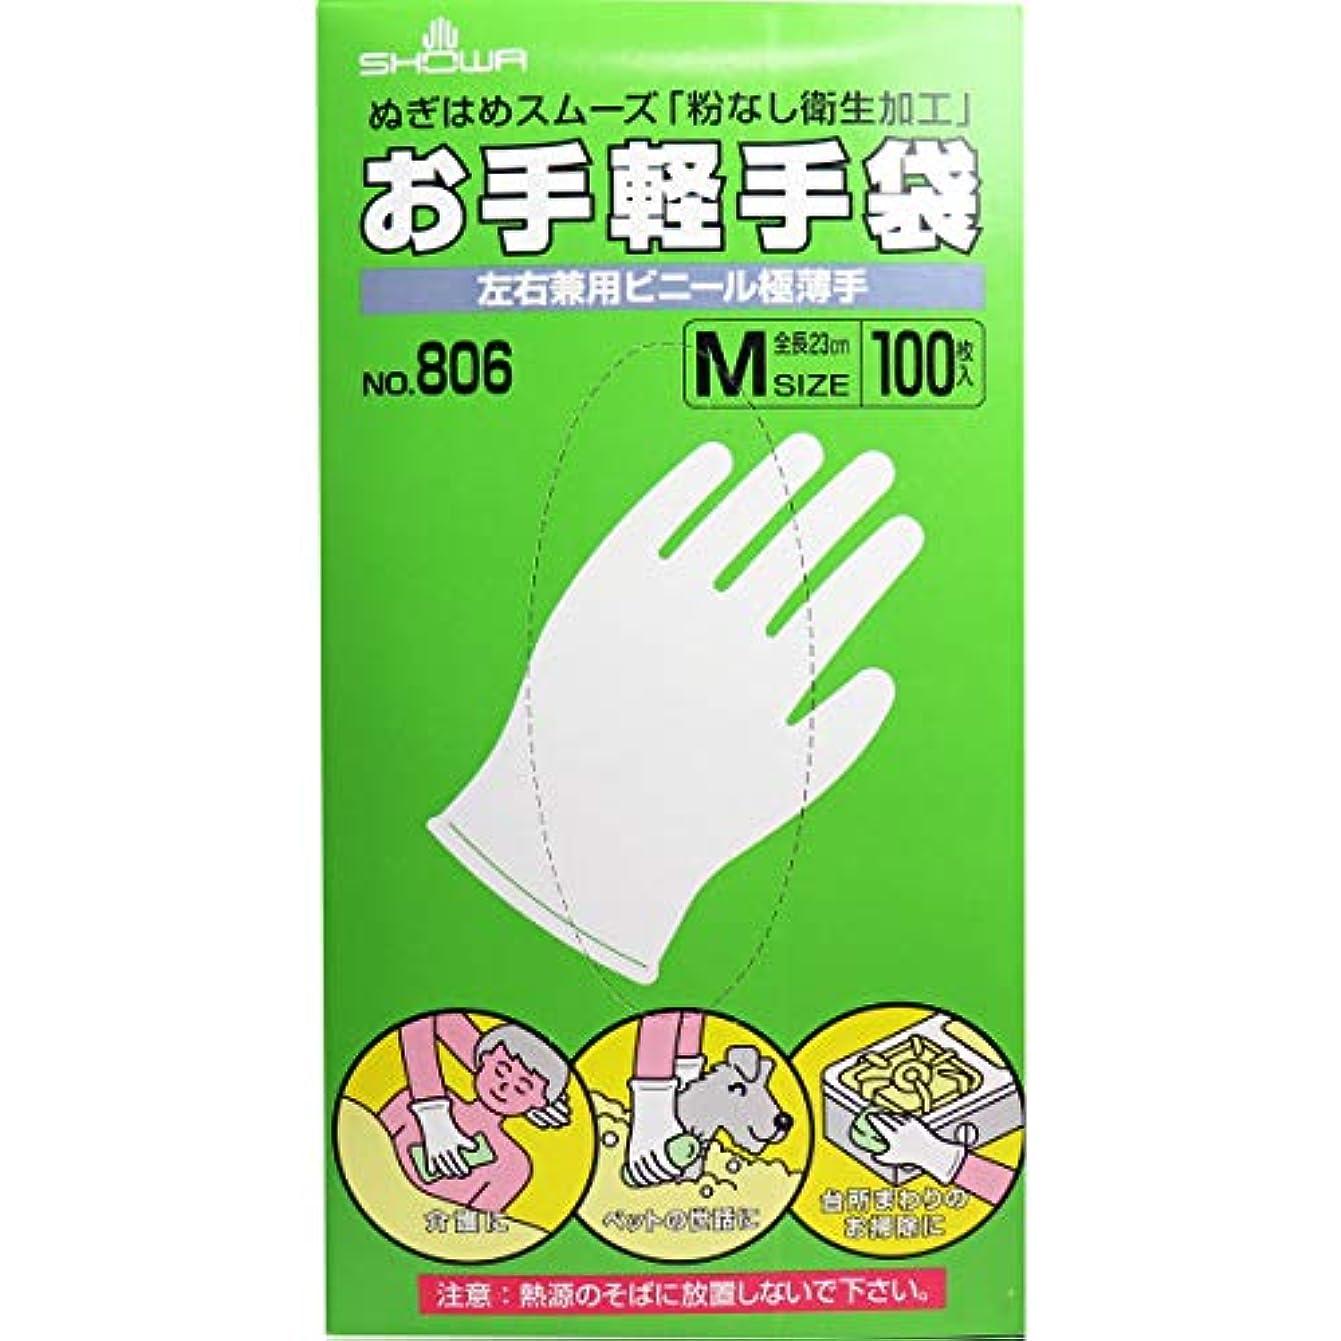 接続された格差ゴミお手軽手袋 No.806 左右兼用ビニール極薄手 粉なし Mサイズ 100枚入×5個セット(管理番号 4901792033596)